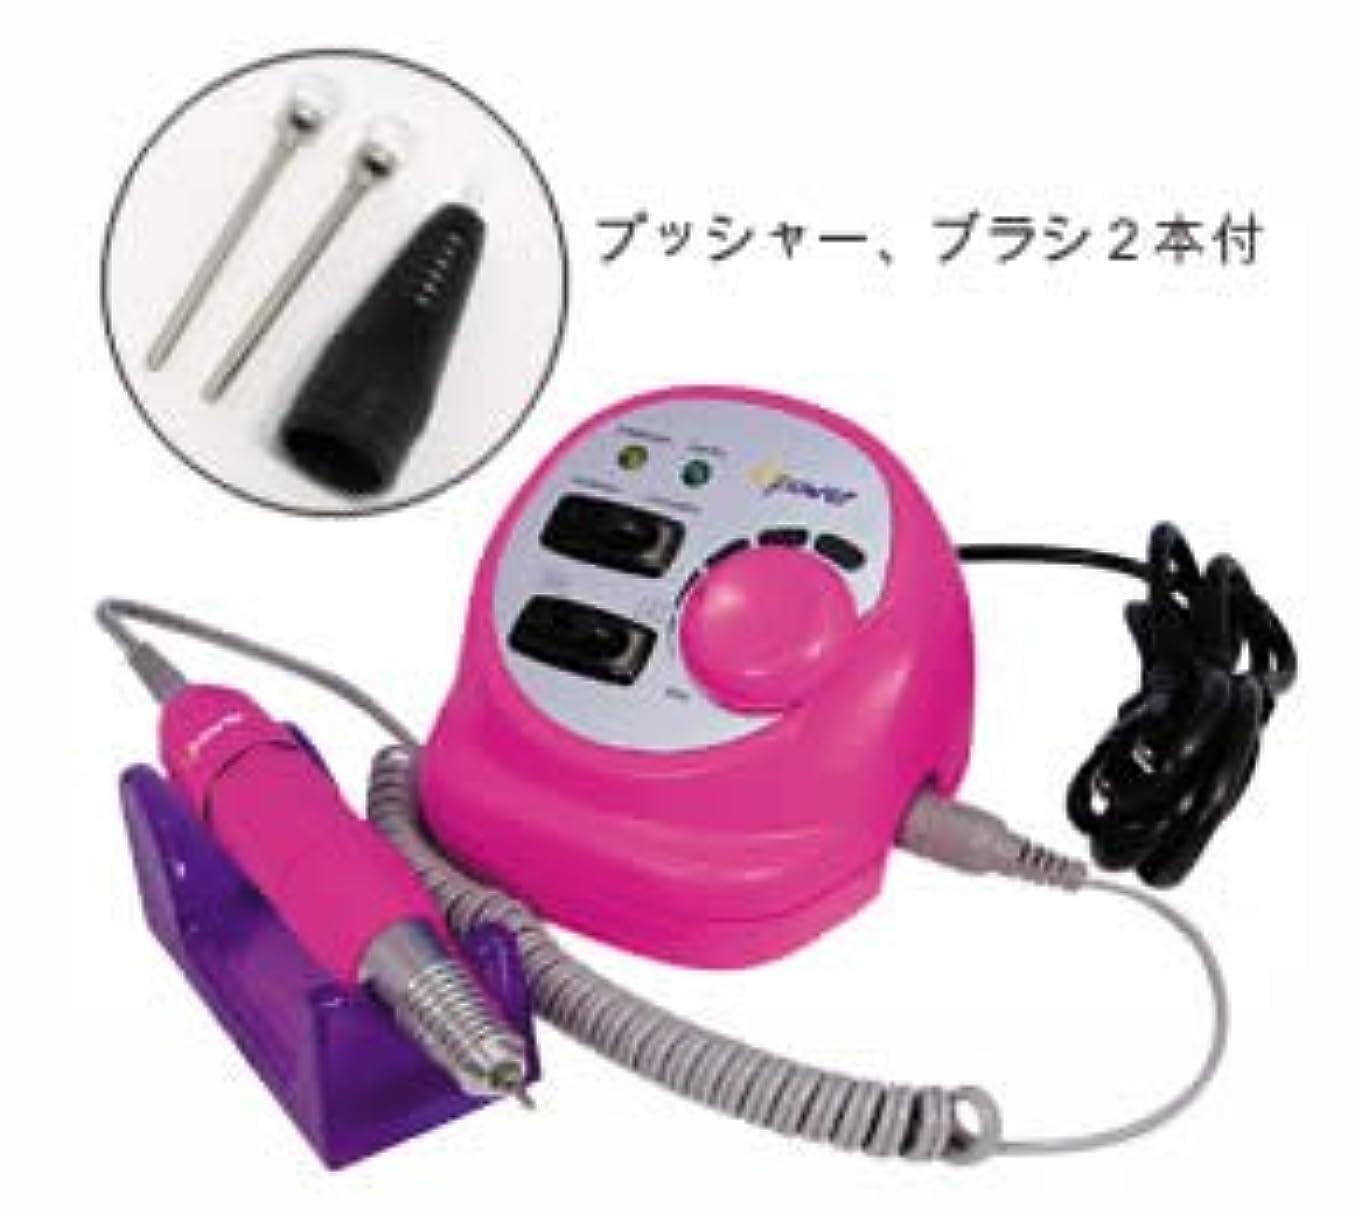 相談するミニスピーチURAWA ネイルフィニッシャー プッシャー付 NP300A/NF32AP ピンク